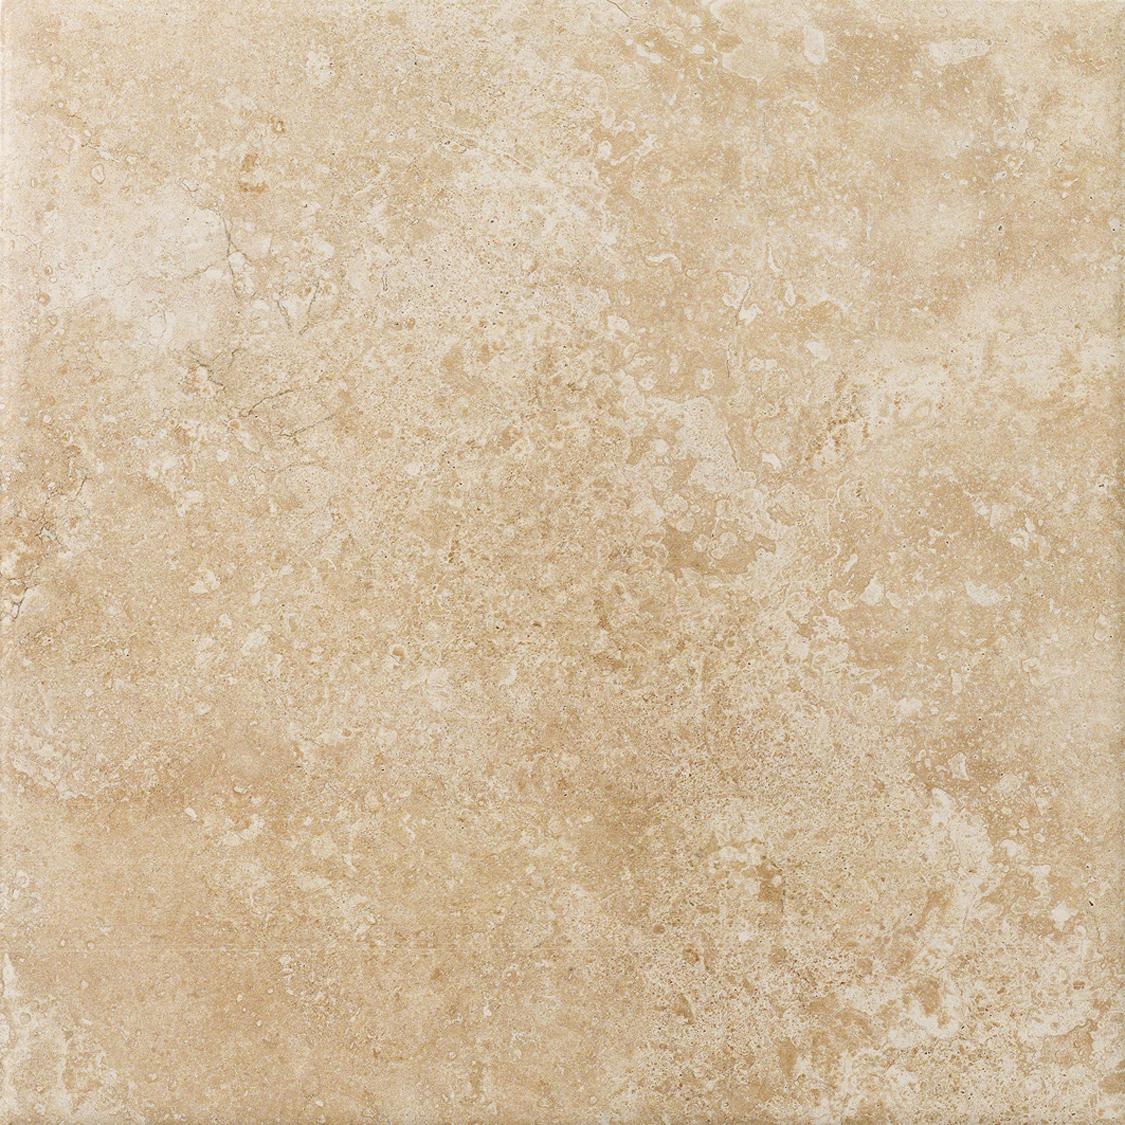 Плитка из керамогранита патинированная Italon НЛ-Стоун бежевый (610015000162)